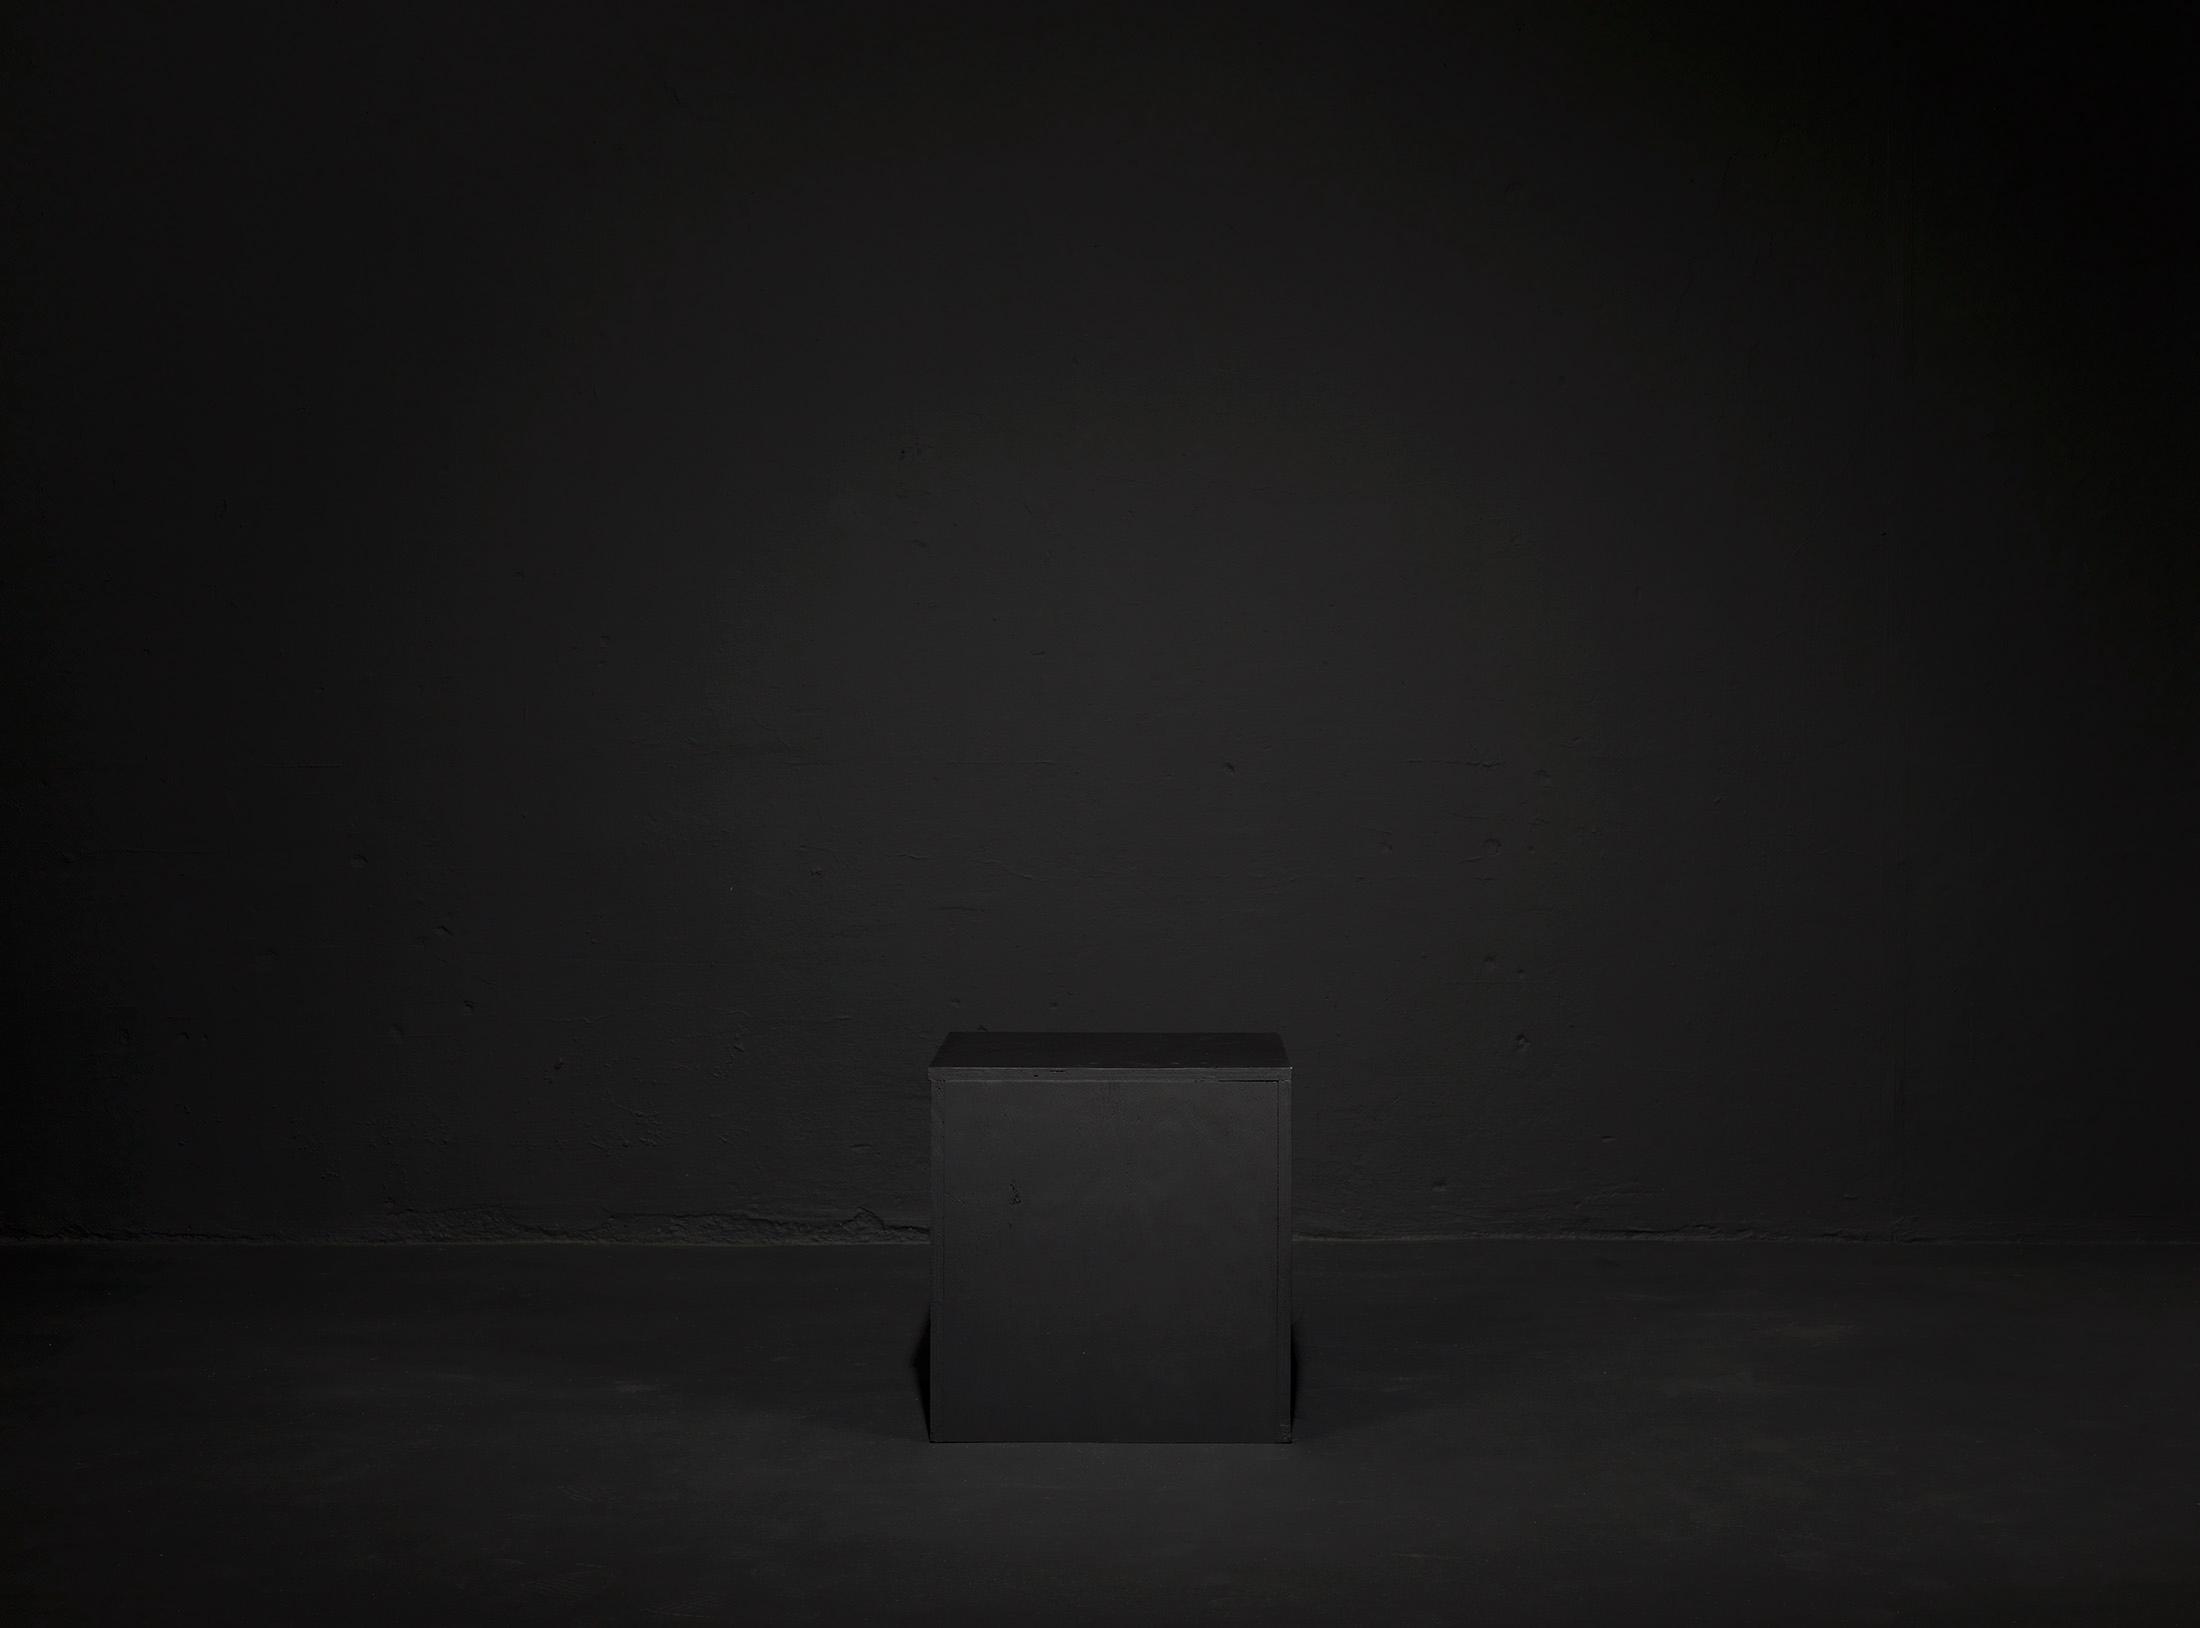 antonio Wolff _ (un)covered #D _ poliptico _ soma galeria